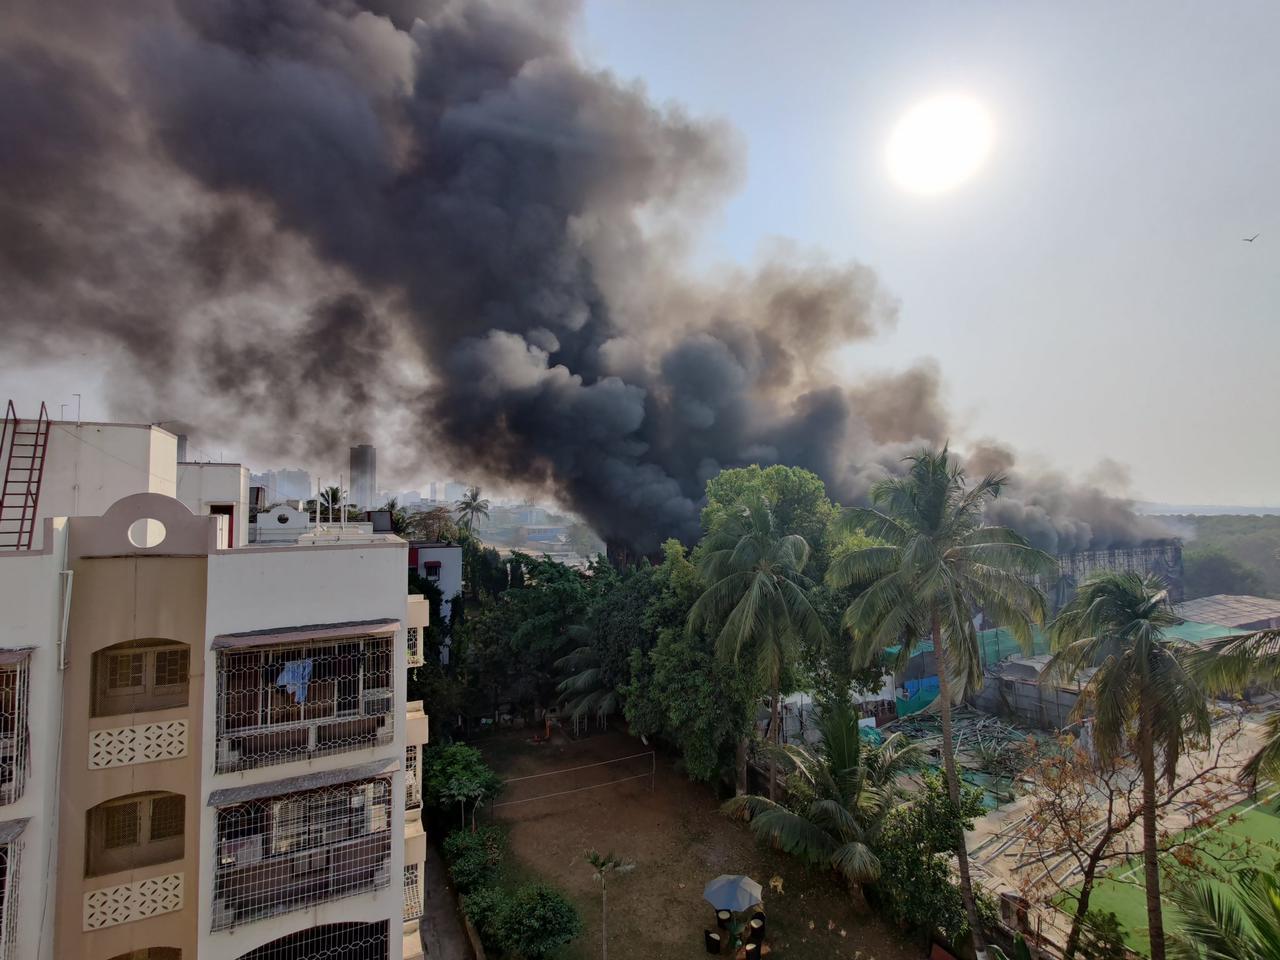 आग के बाद स्टूडियो से निकलने वाला धुआं आसपास के इलाके में फैल गया।